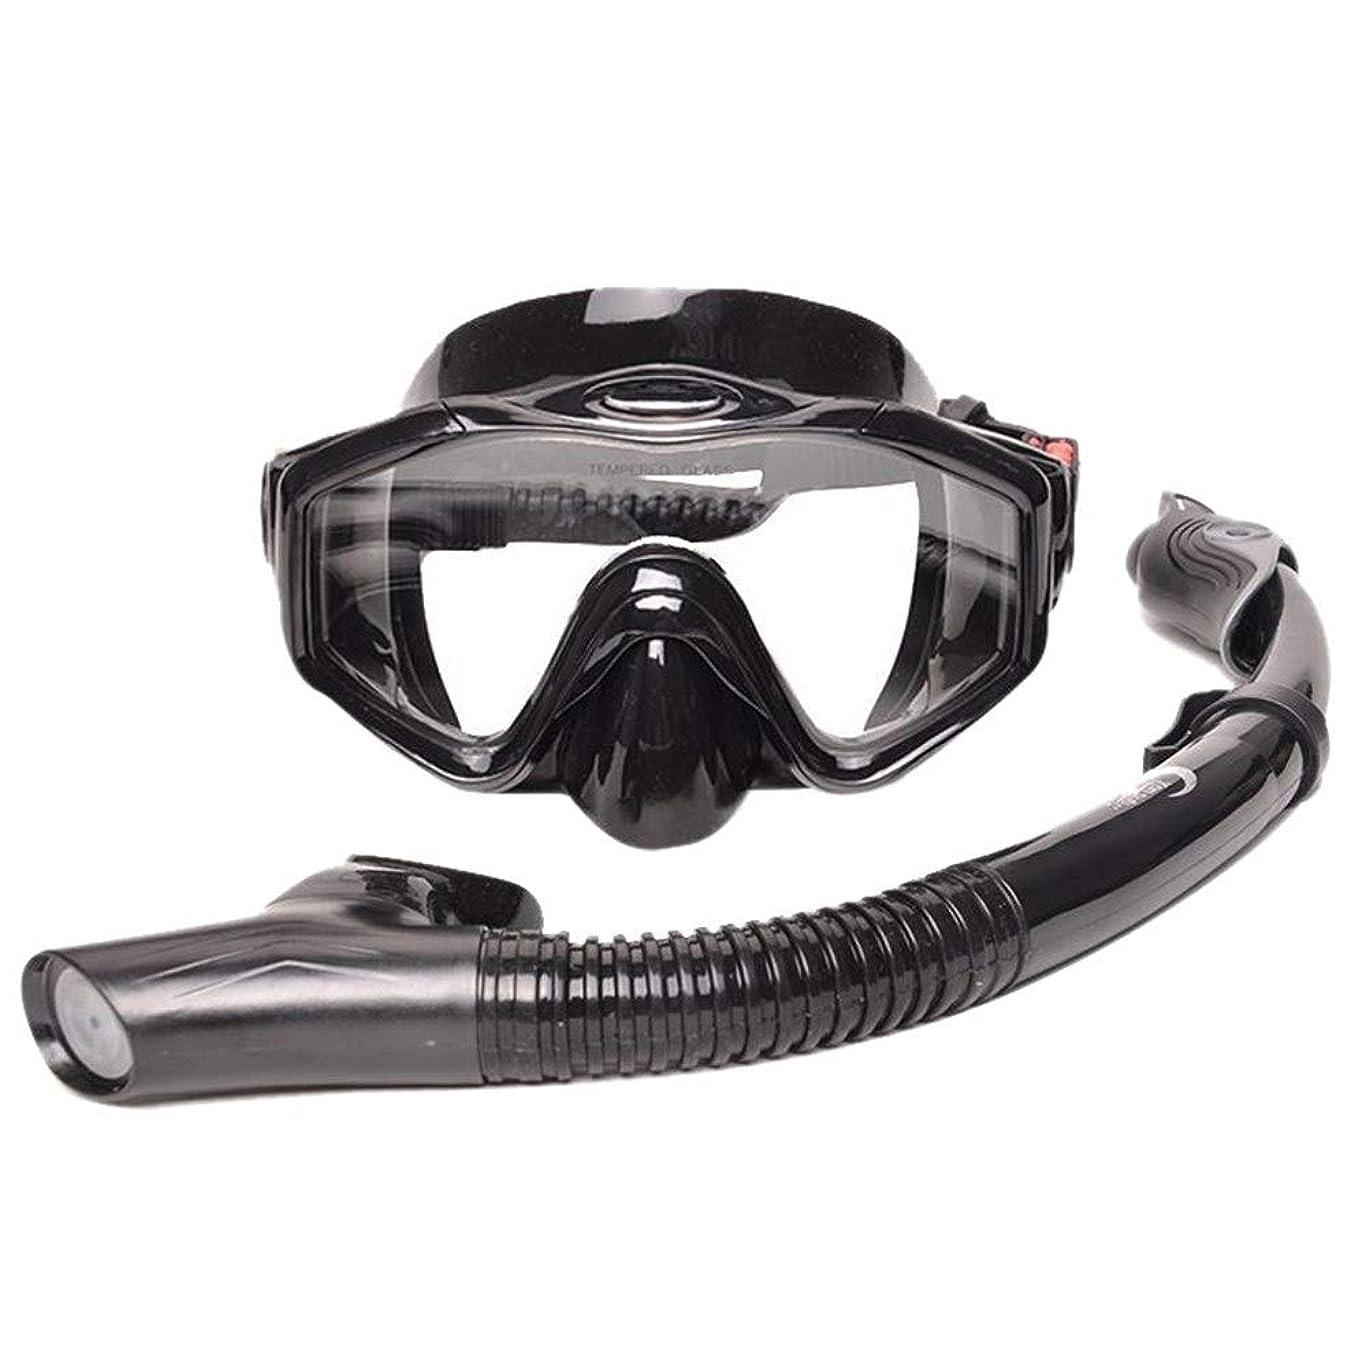 くまレビュアー部分的プロのダイビング水泳ダイビングマスクセットダイビングマスク+水中狩猟に適した乾燥した黒い呼吸管 g5y9k2i3rw1